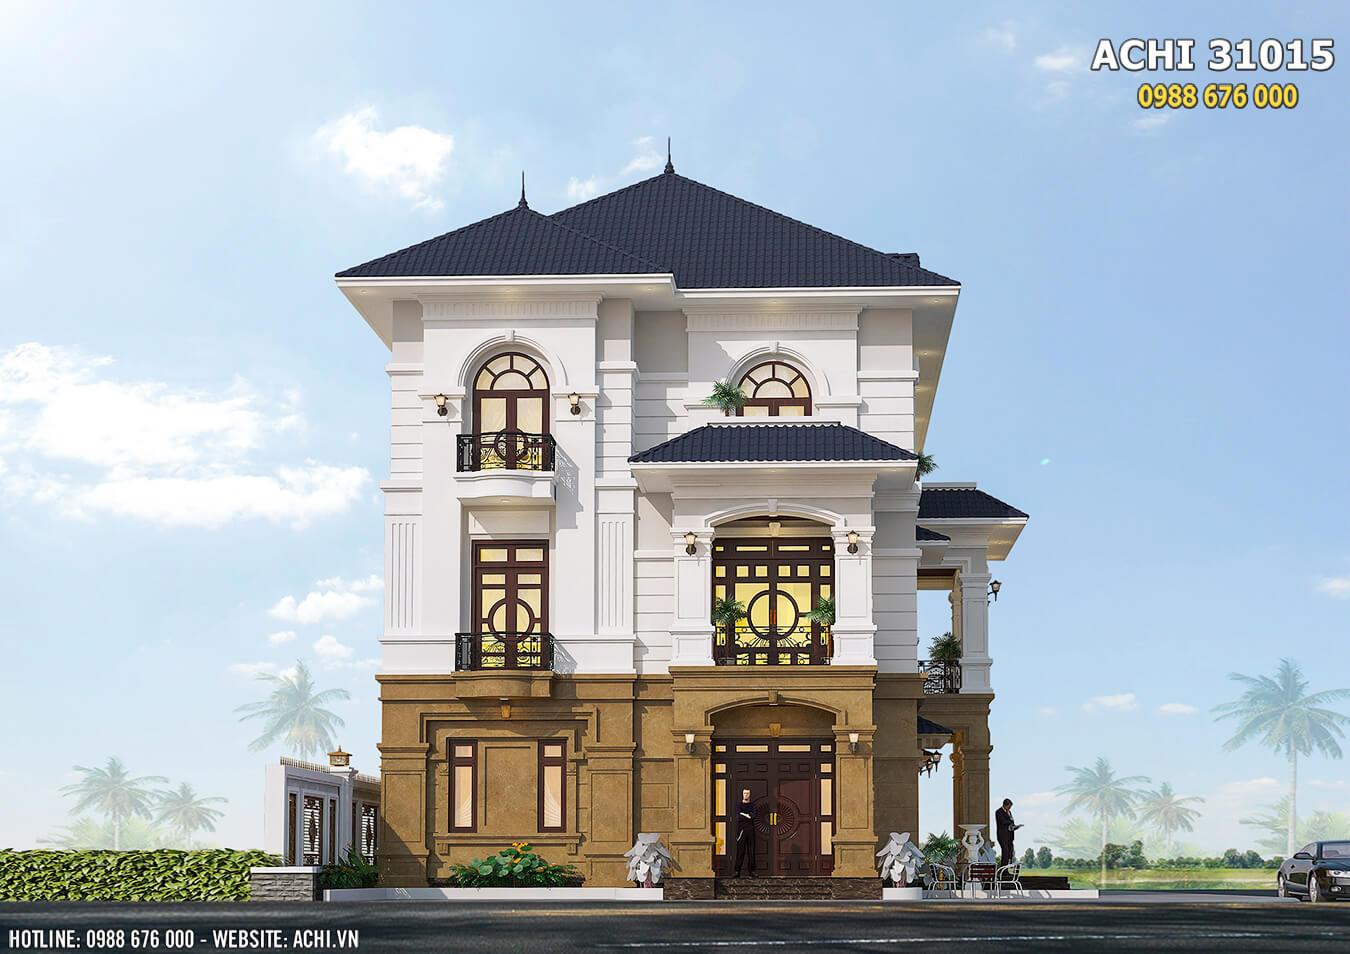 Mặt tiền mẫu nhà 3 tầng tân cổ điển sang trọng và ấn tượng